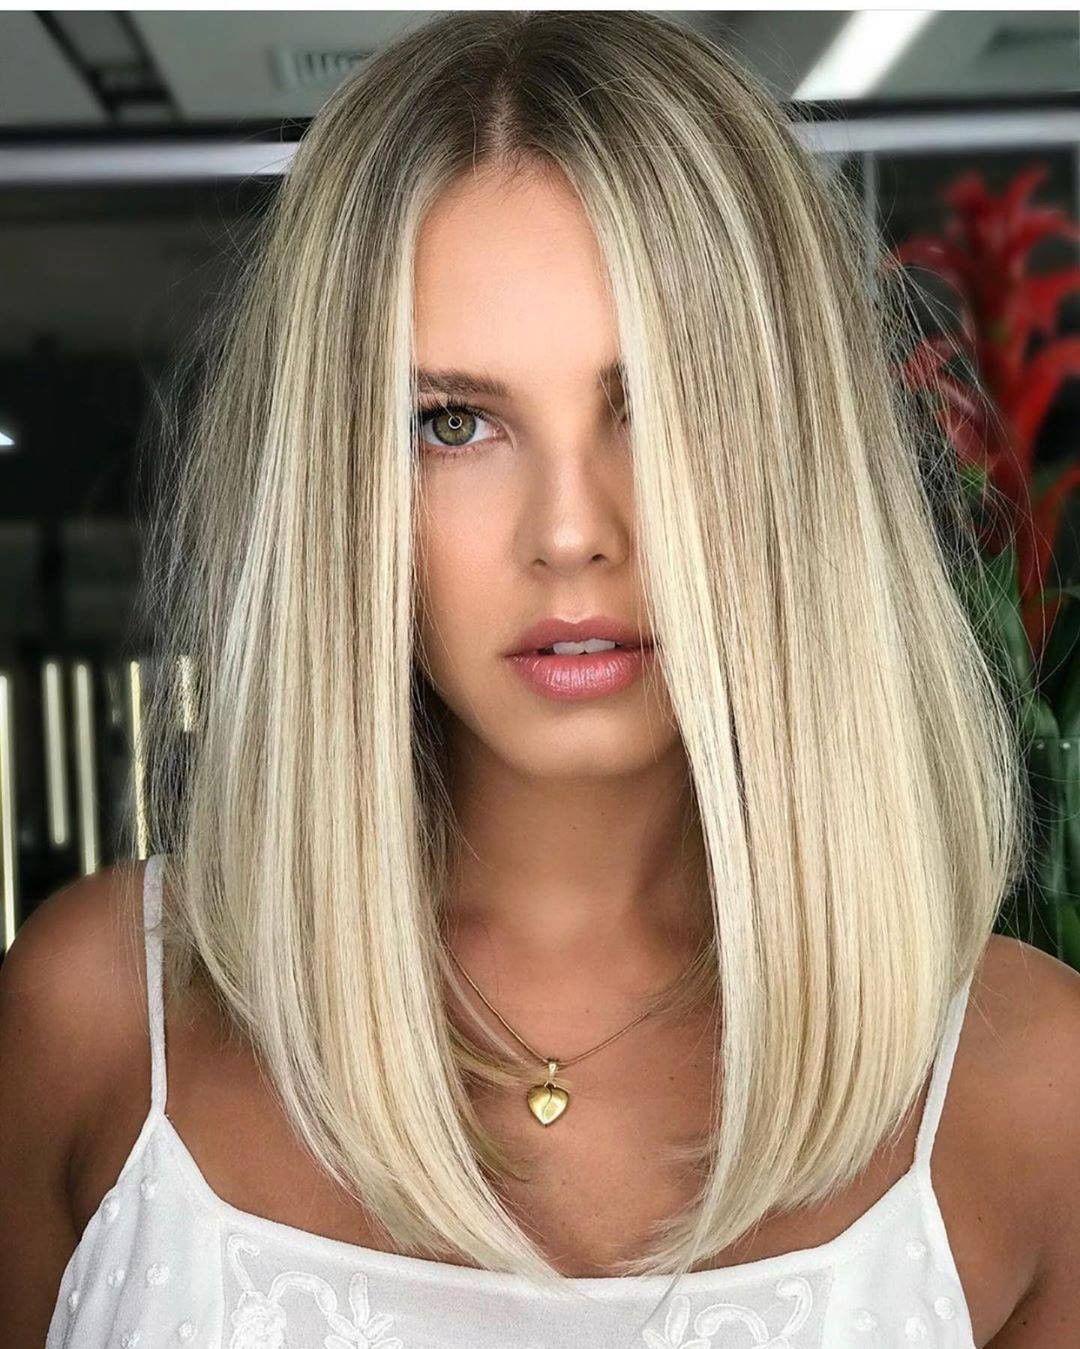 Bellissimo Taglio, Vi Piace? 🤔🤔 Credit Capelli - Hair Beauty